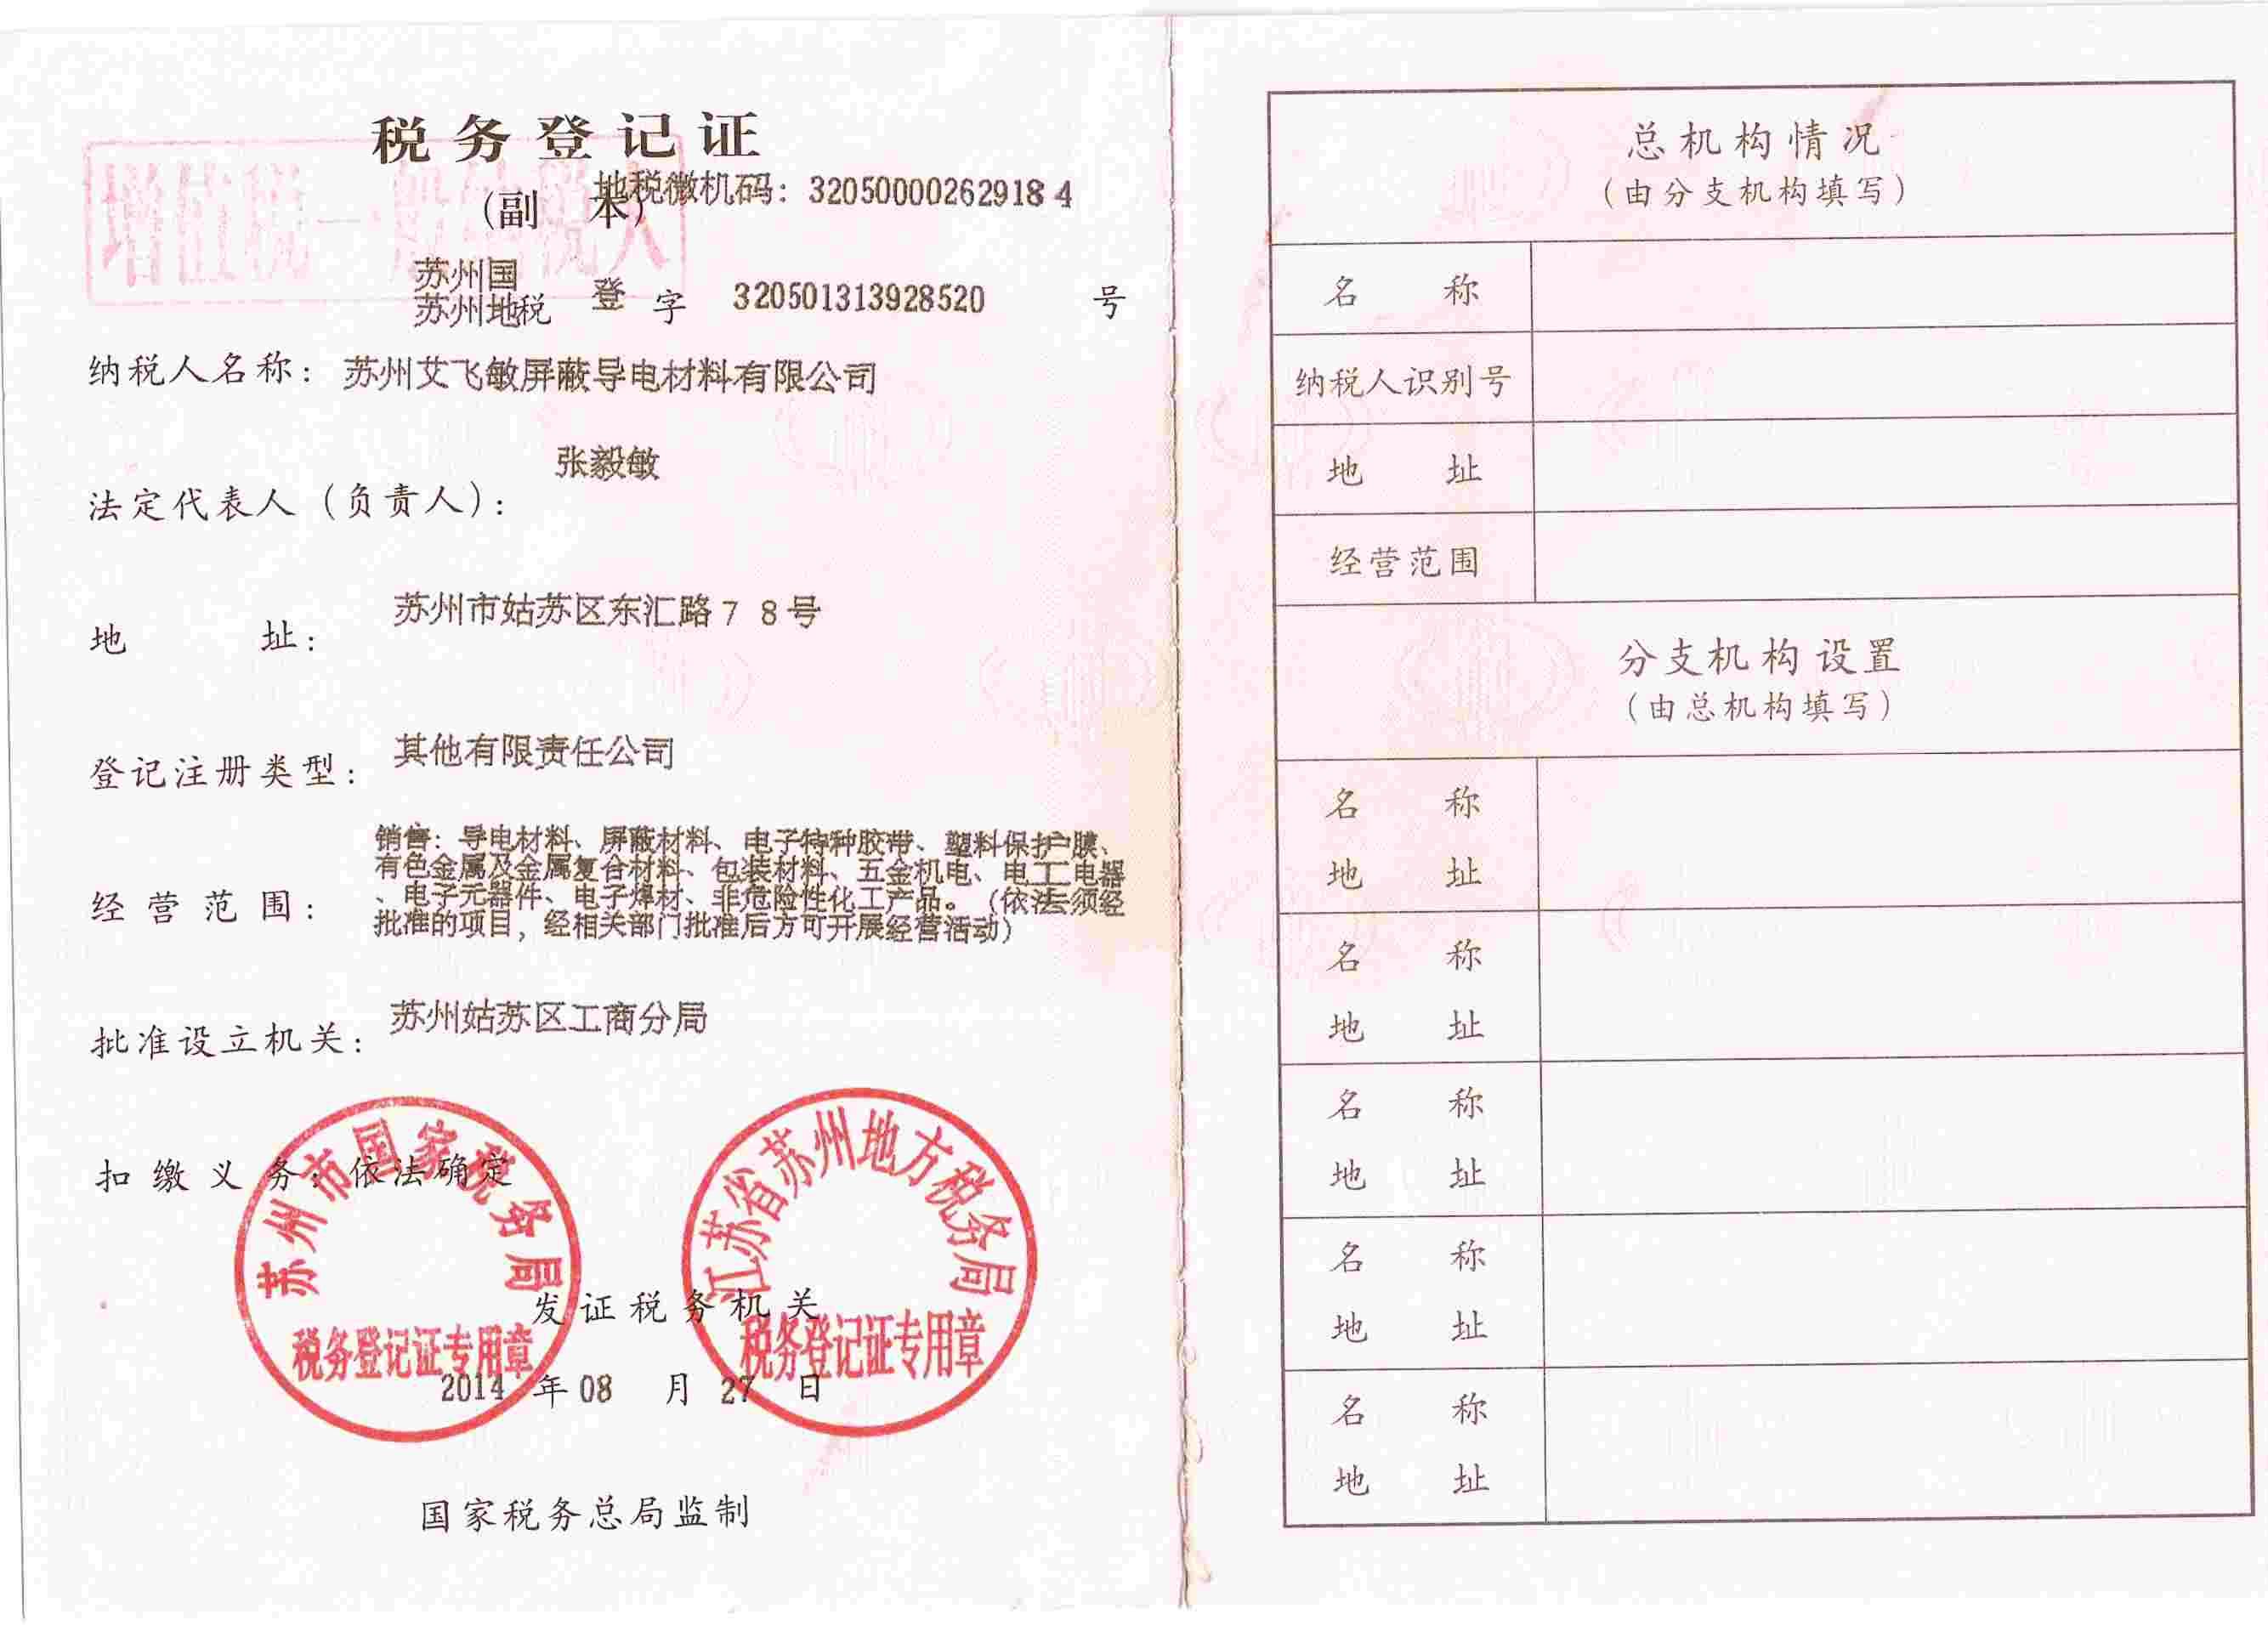 艾飞敏公司税务登记证